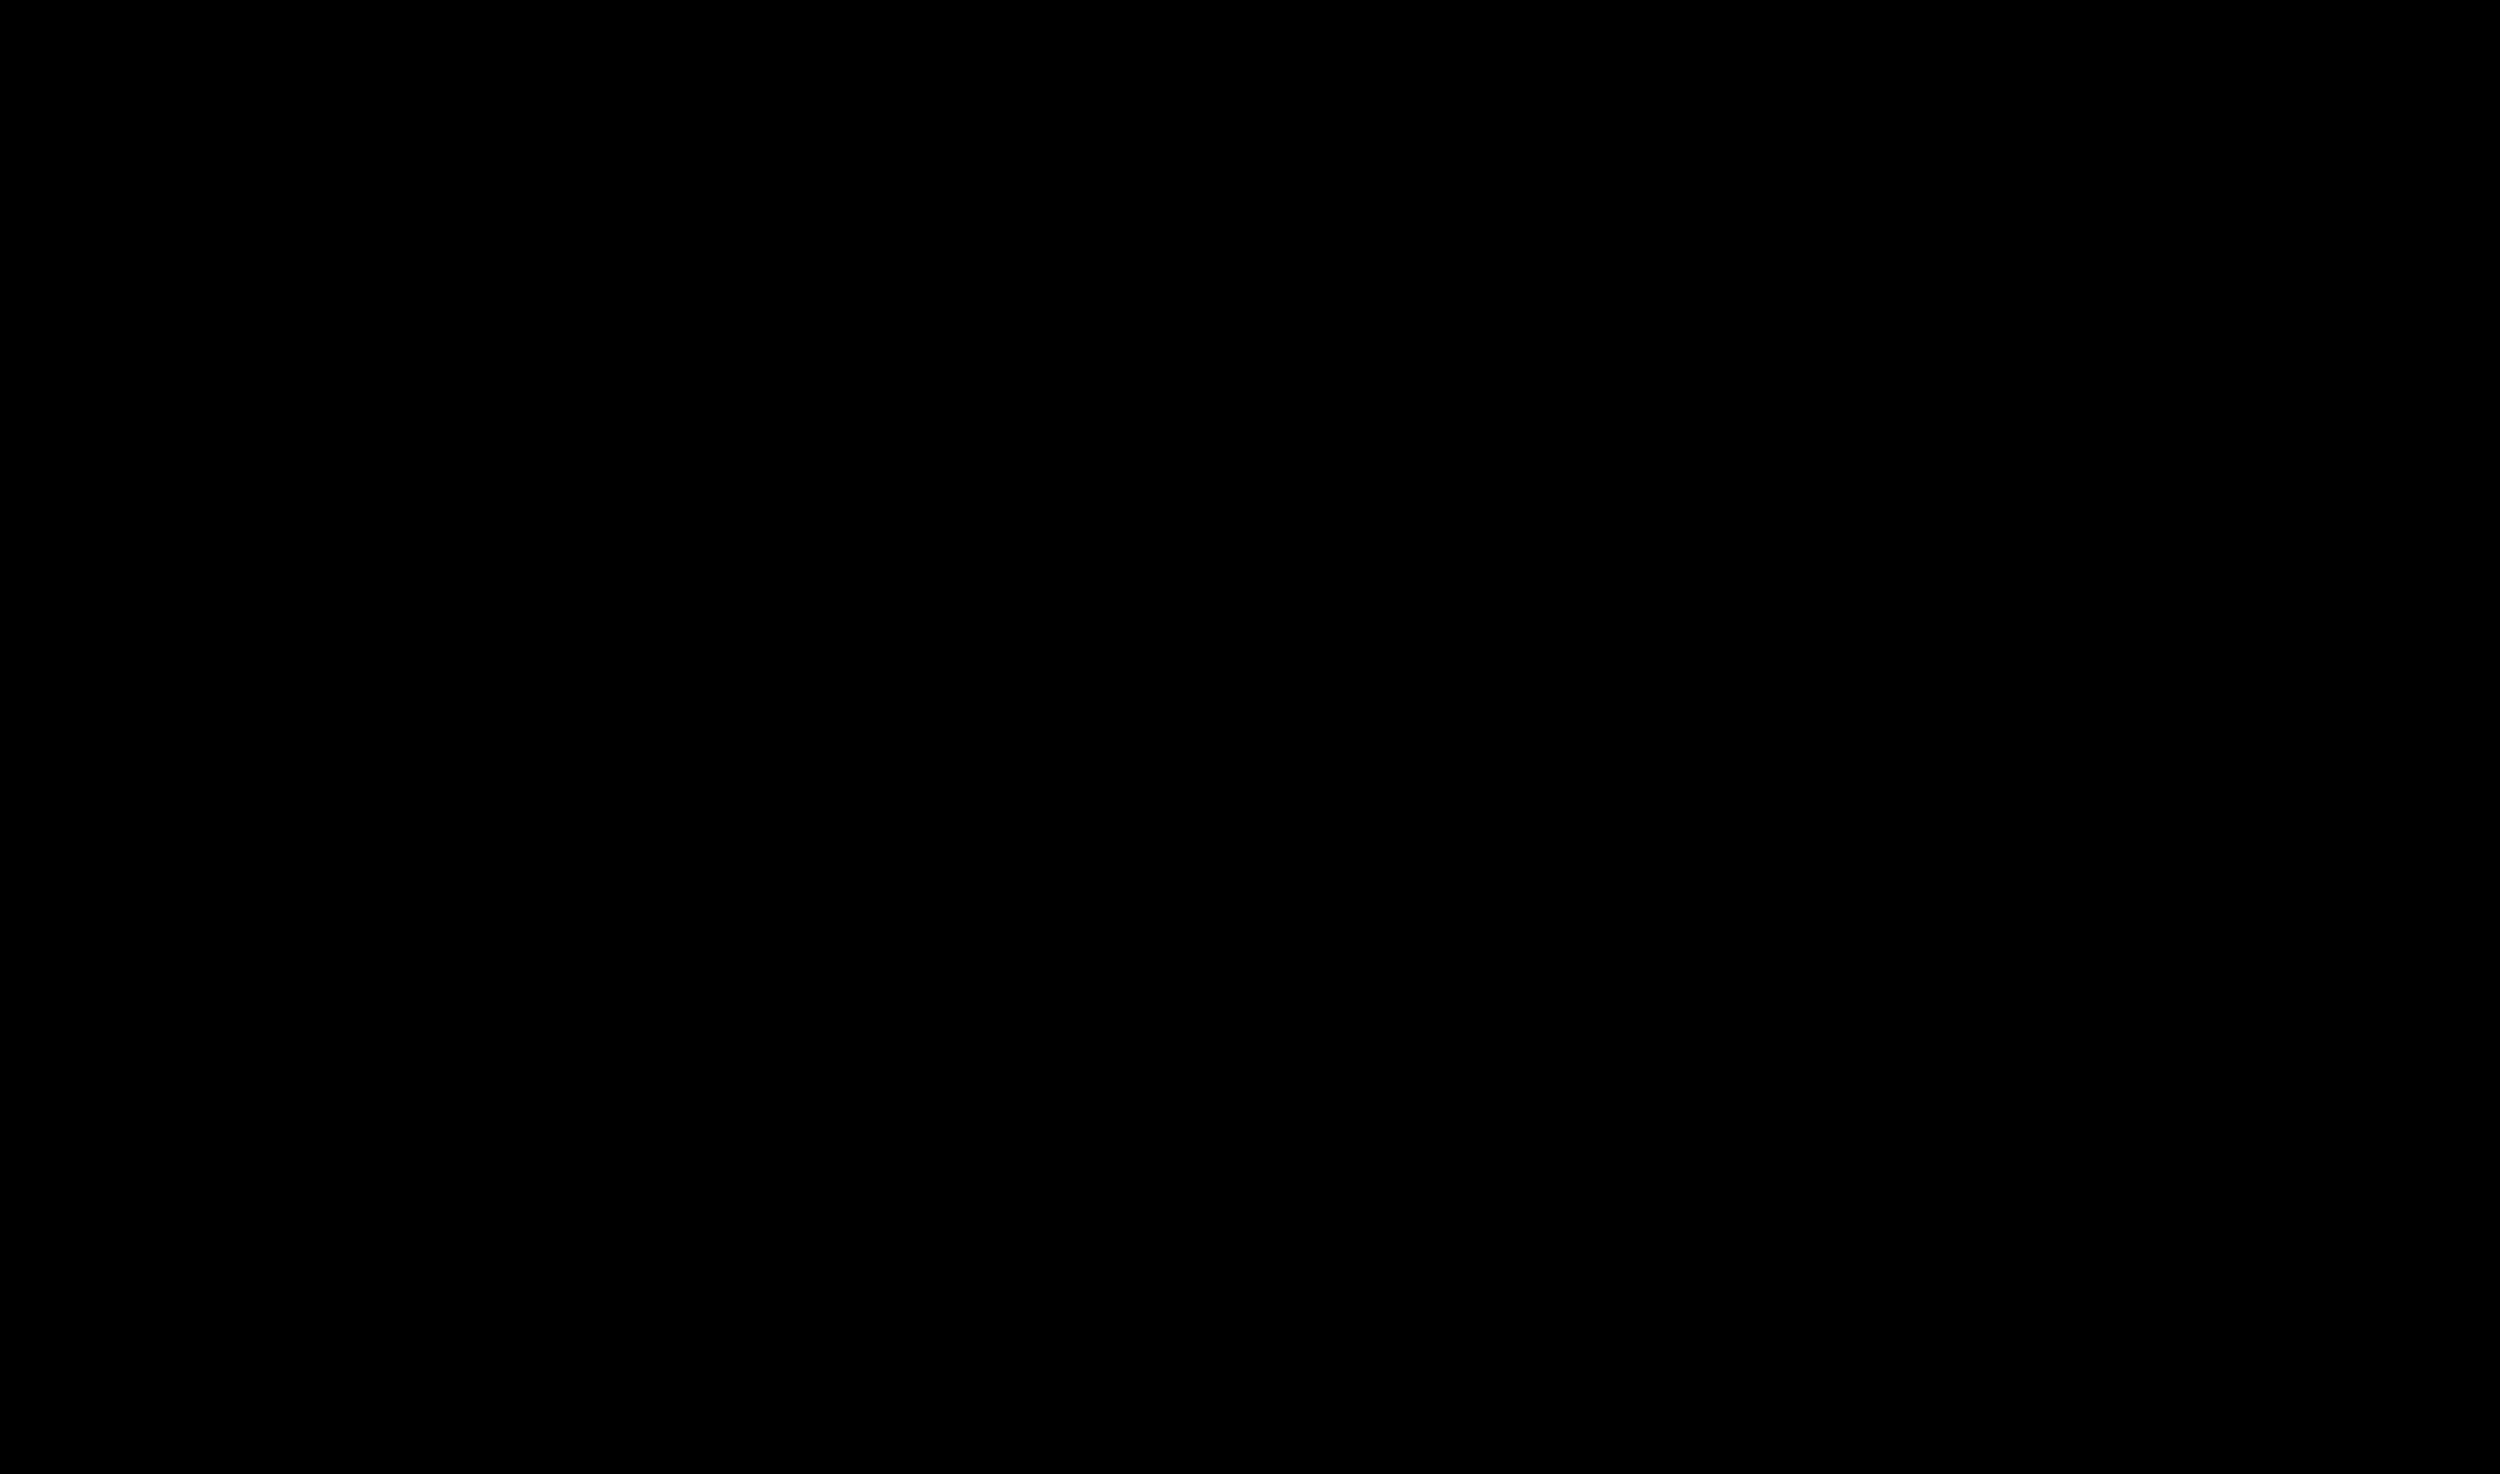 URBAN DESIGN-logo-black.png